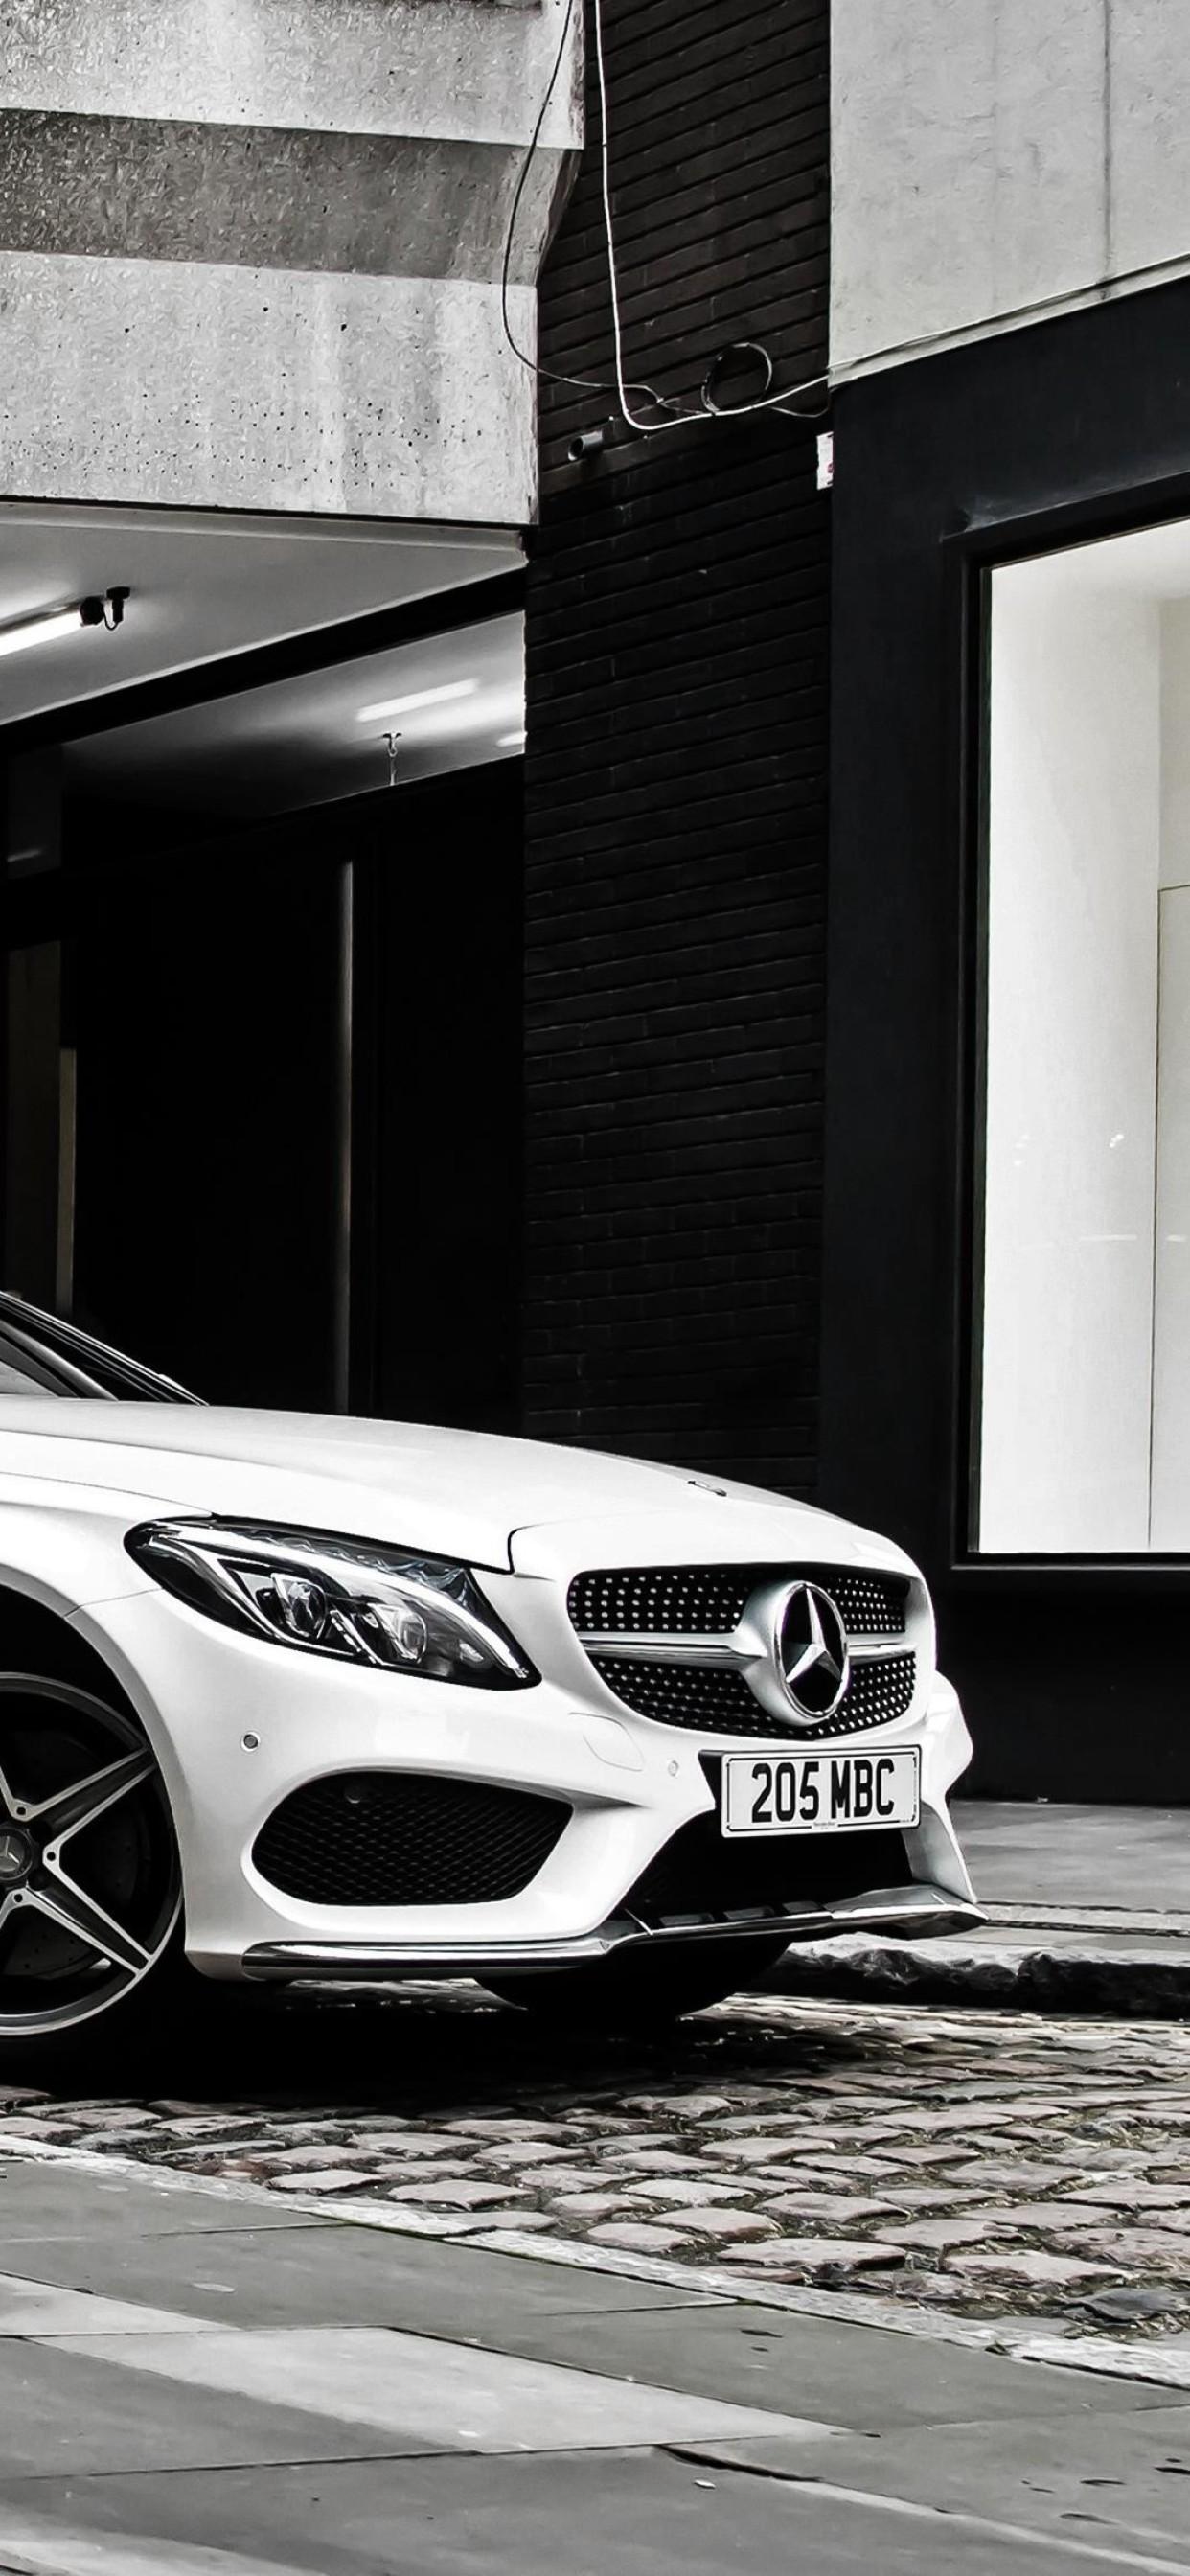 Mercedes Benz Car iPhone Wallpapers   Wallpaper Cave